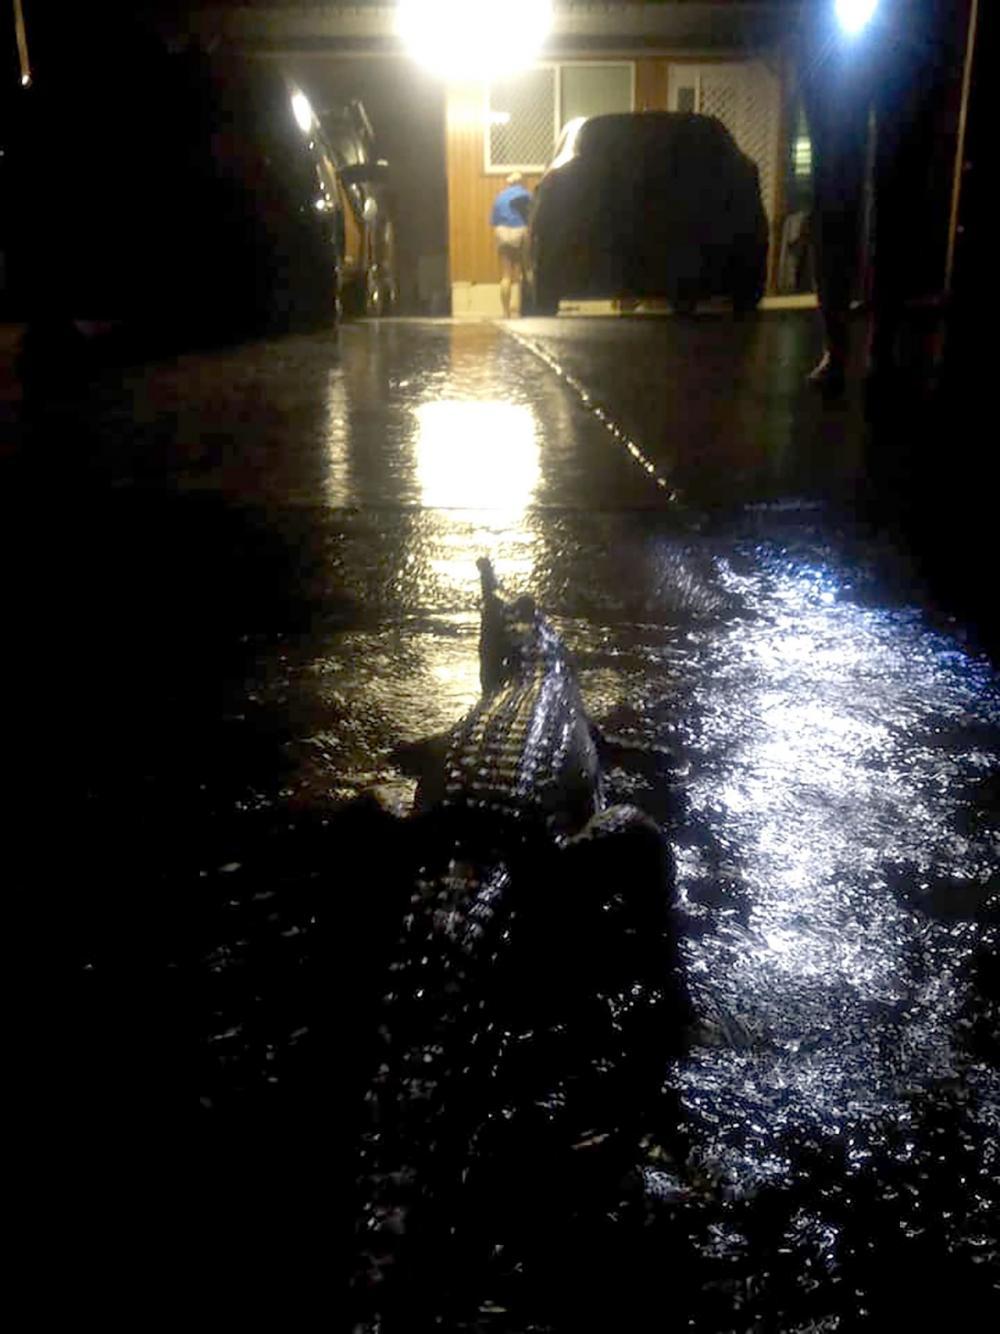 อีริน ฮาห์น ถ่ายภาพ จระเข้ตัวใหญ่ เดินบนถนน ขณะเกิดน้ำท่วมในเมืองทาวน์สวิลล์